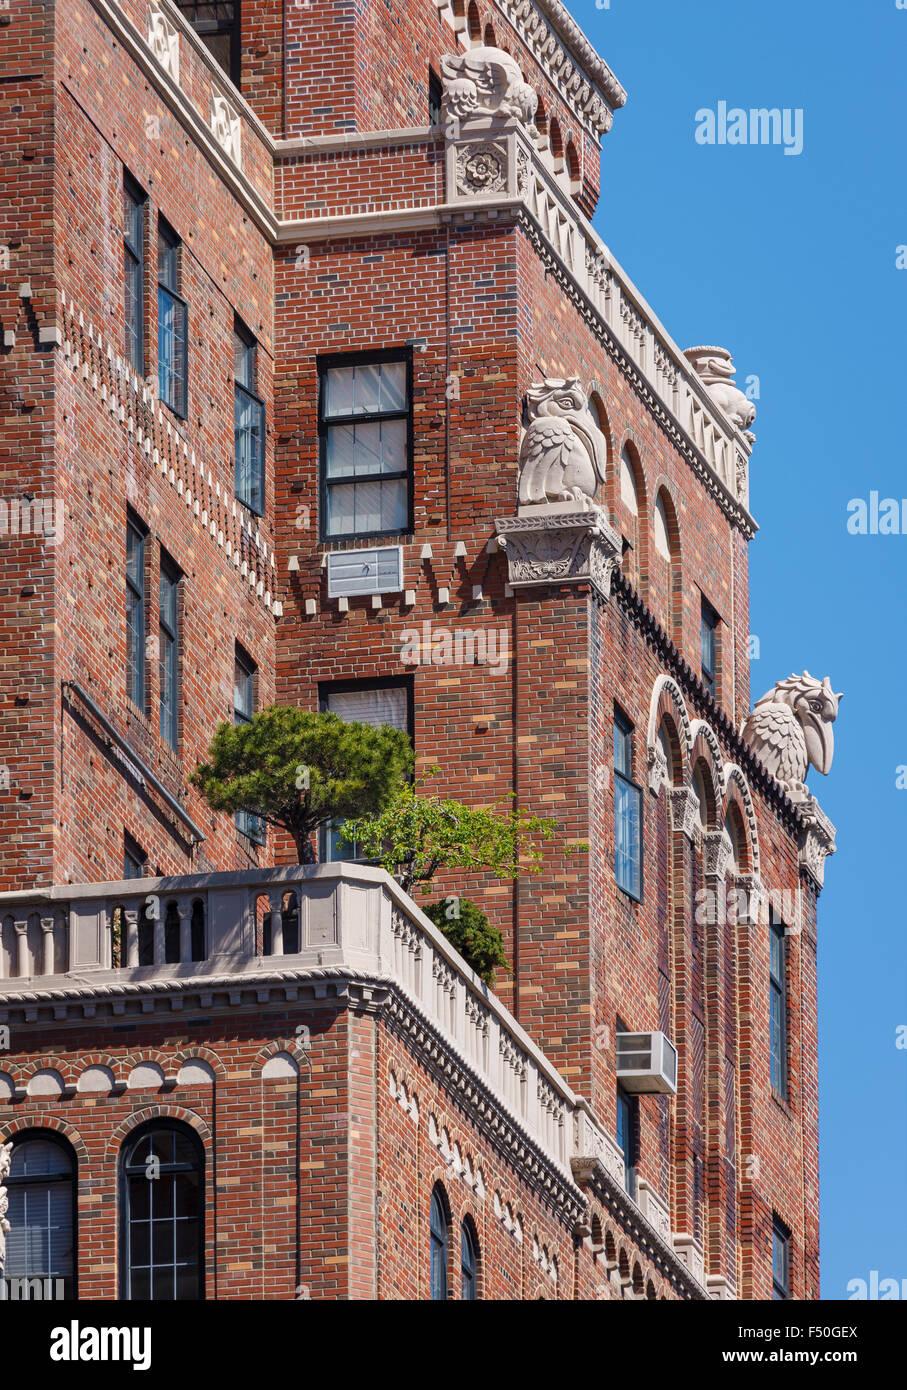 Architektonischen Details der Wand Backsteinbau mit Terrassen und Kartuschen, Chelsea, Manhattan, New York City Stockbild